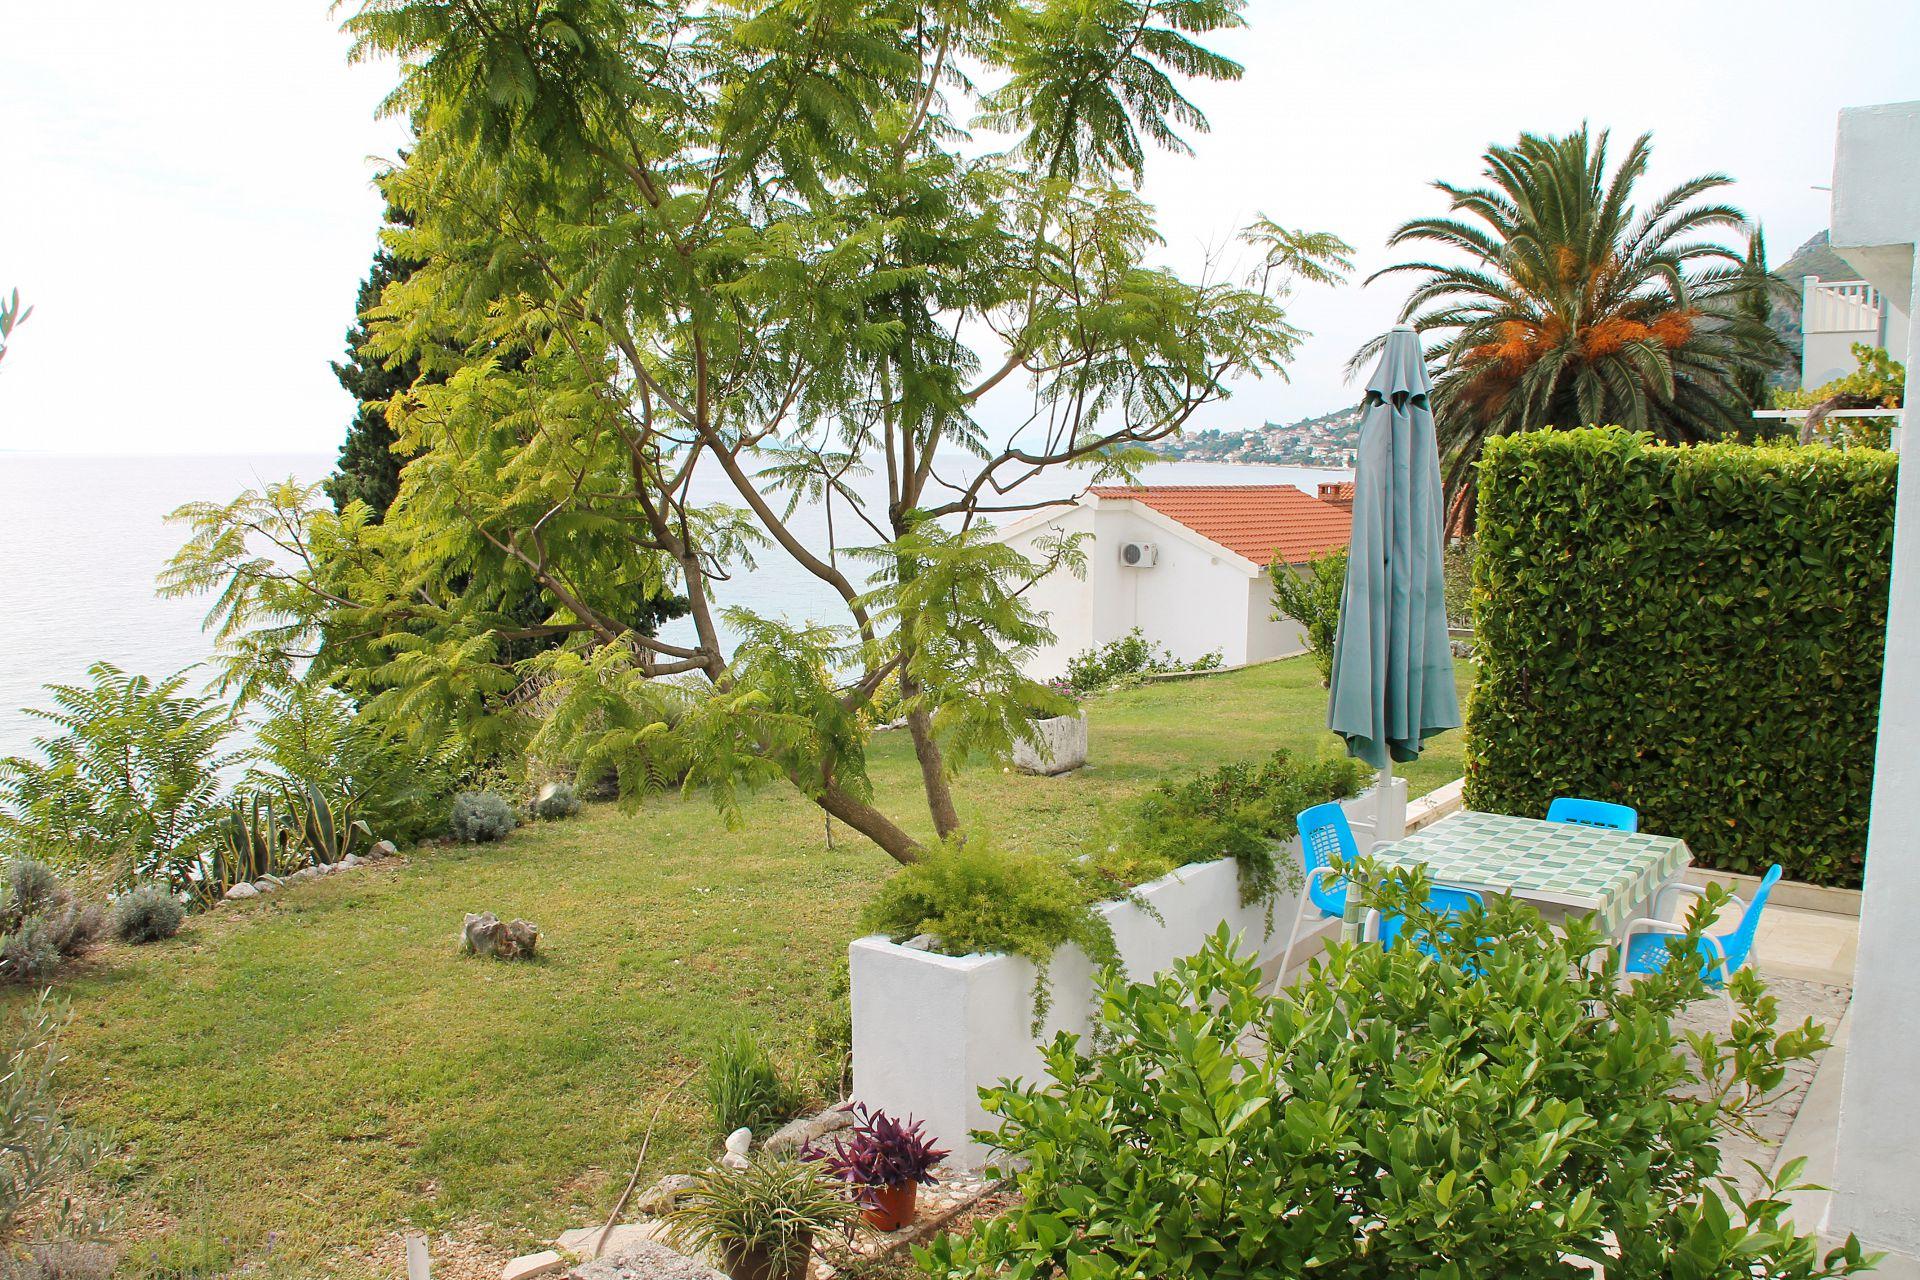 Ferienwohnung 5147  A4 Somina(2+2) - Brist (739134), Podaca, , Dalmatien, Kroatien, Bild 10